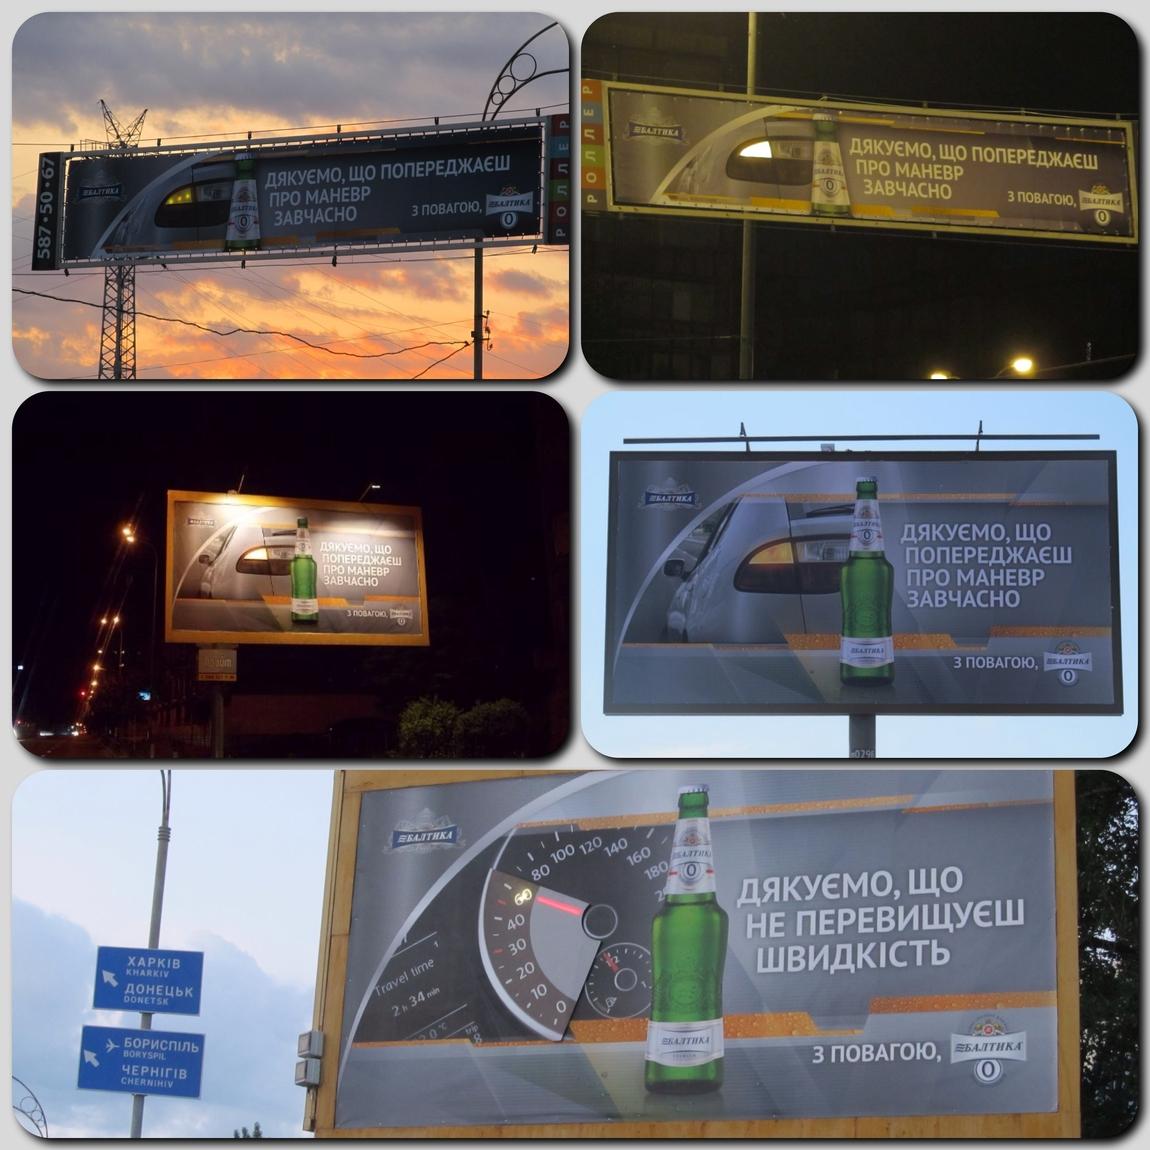 Нестандартную рекламу, привлекающую внимание автомобилистов, можно наблюдать в крупнейших городах Украины: Киеве, Харькове, Львове и Донецке.